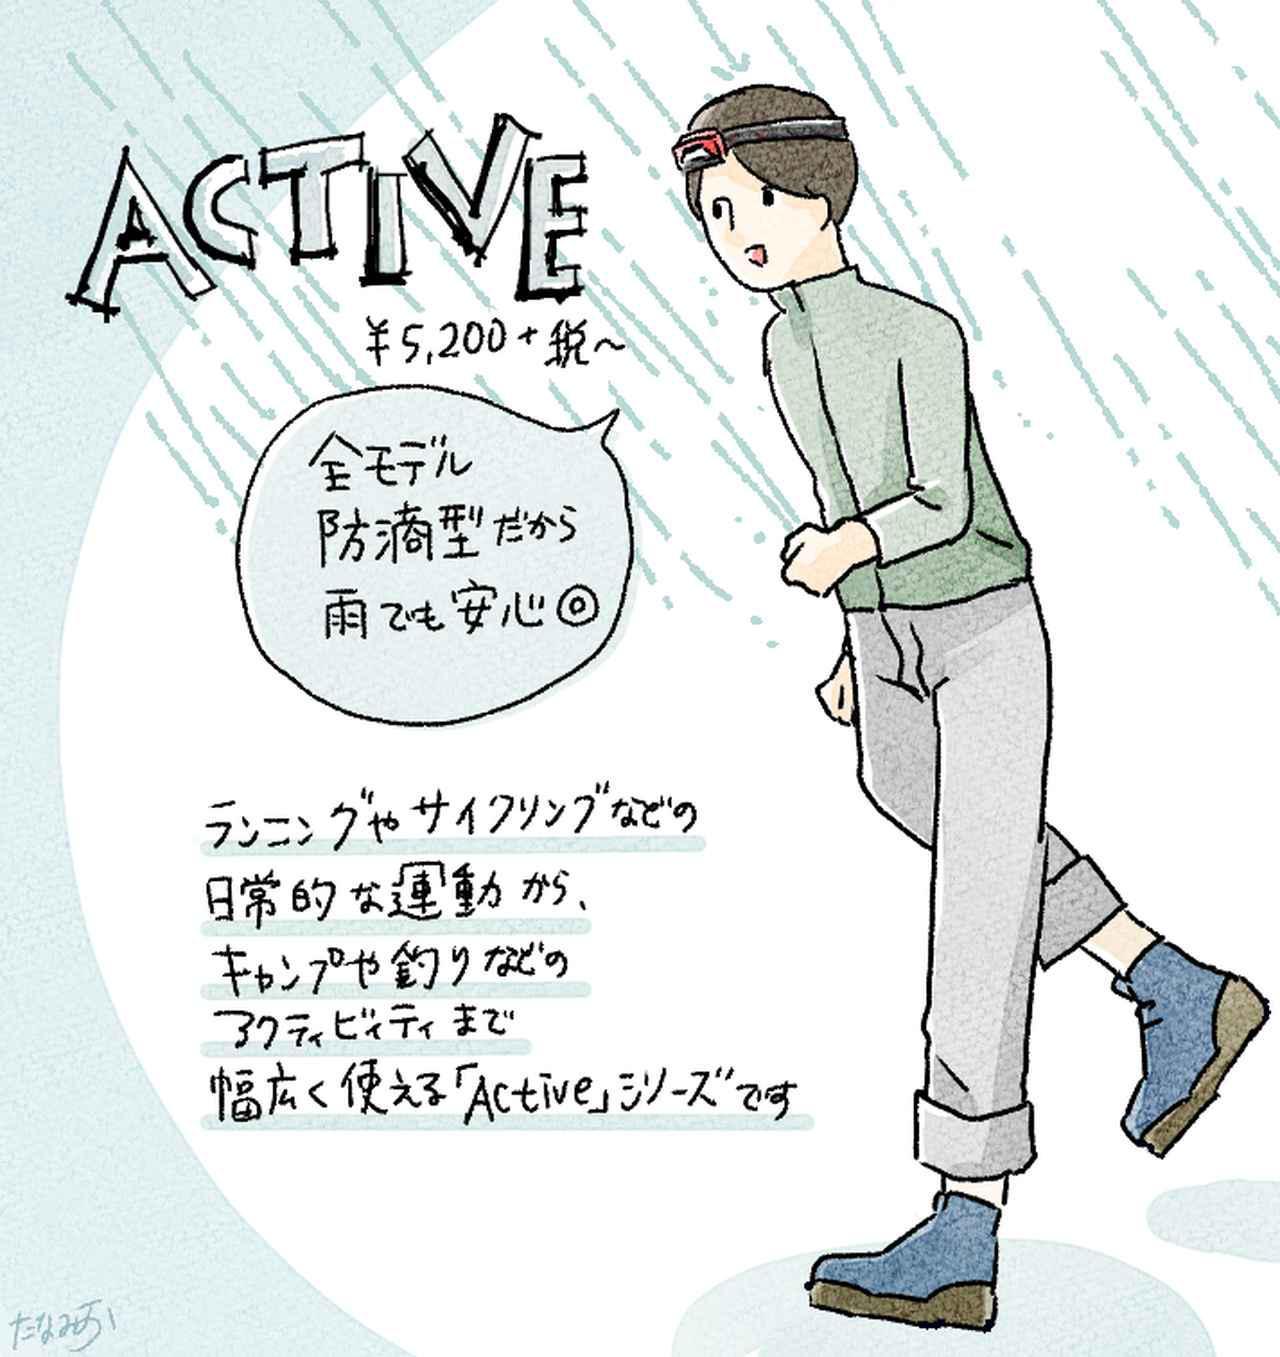 画像: 【ペツルのヘッドライト②】「Active」全モデル防滴型だから雨でも◎アウトドアアクティビティに最適